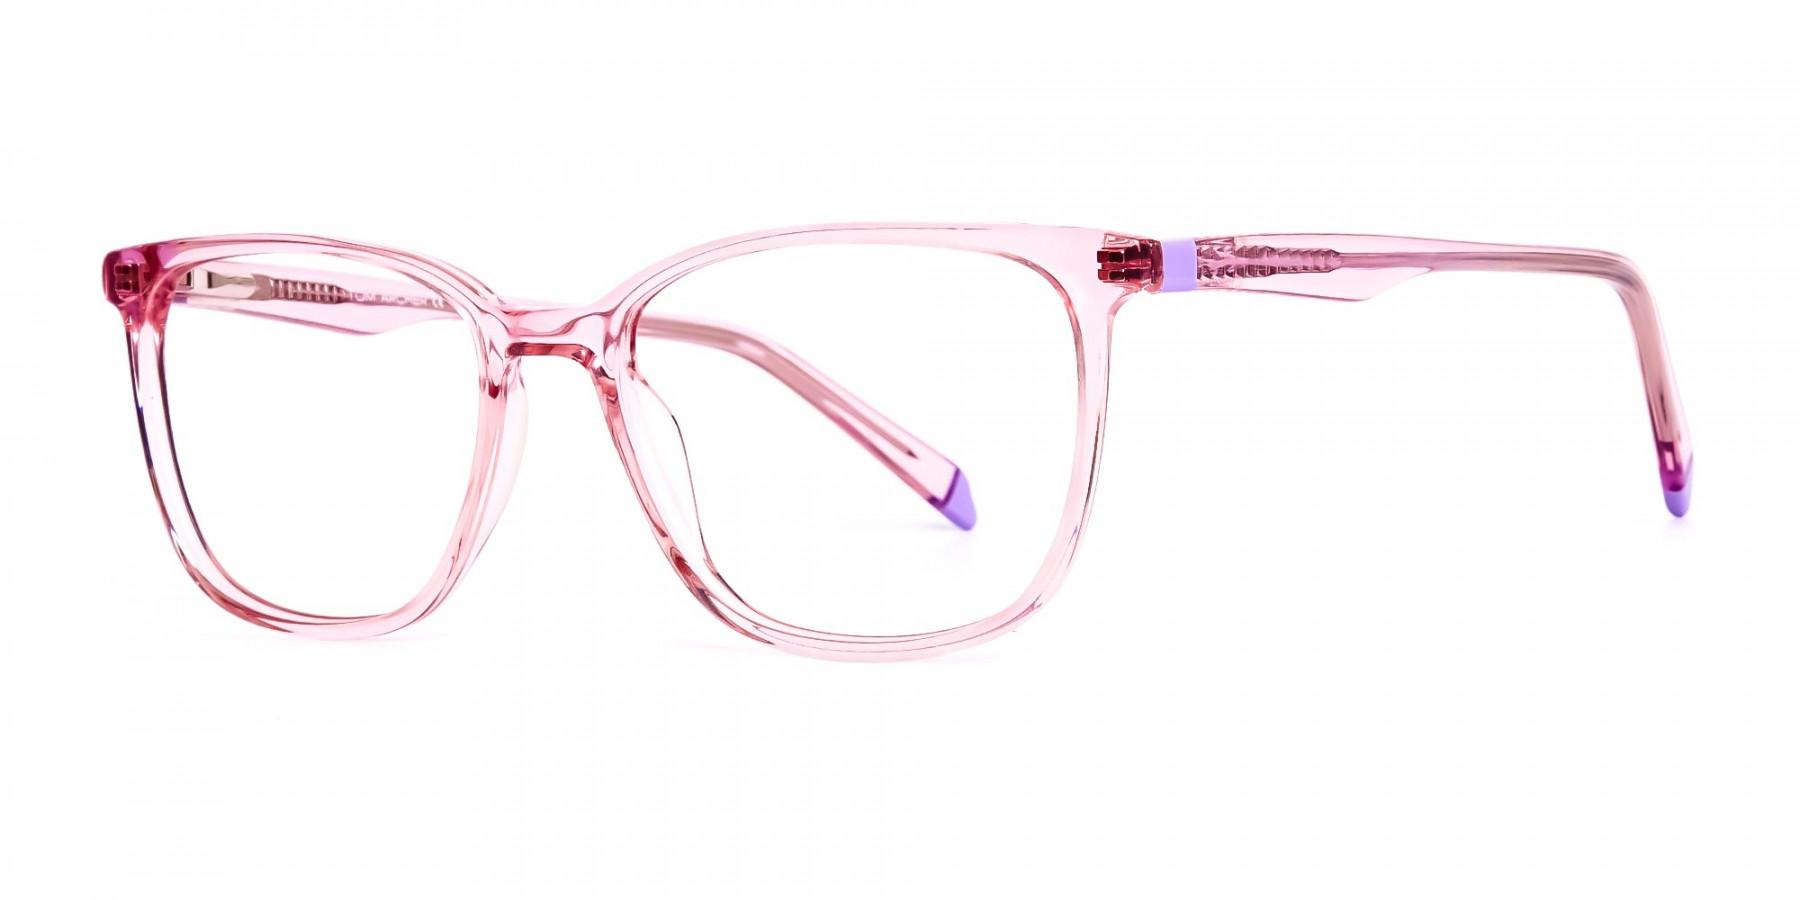 Crystal-pink-Wayfarer-and-Rectangular-Glasses-Frames-1